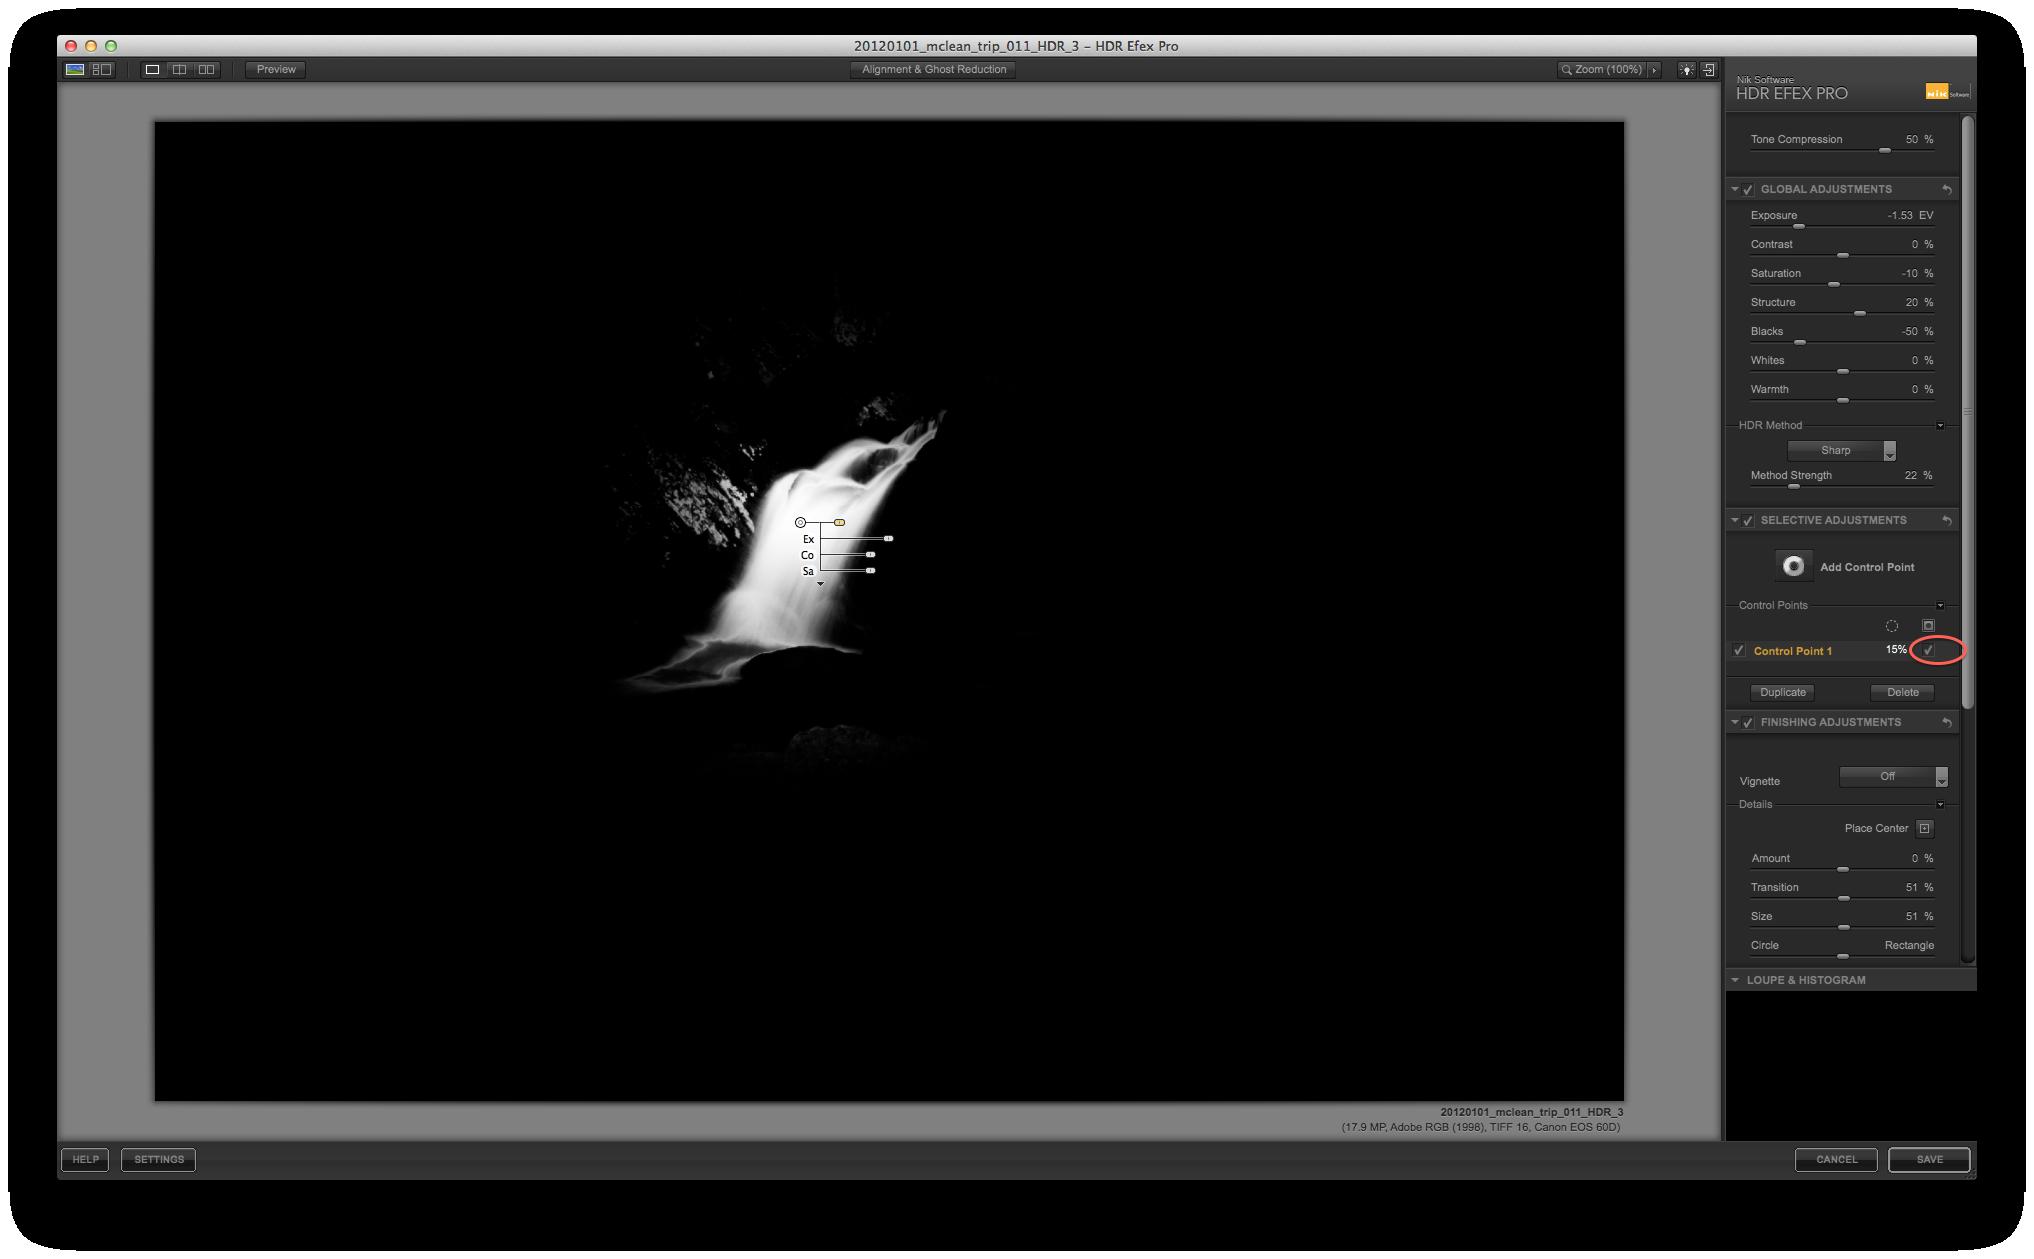 04 Screen Shot 2012-01-06 at 7.28.42 AM